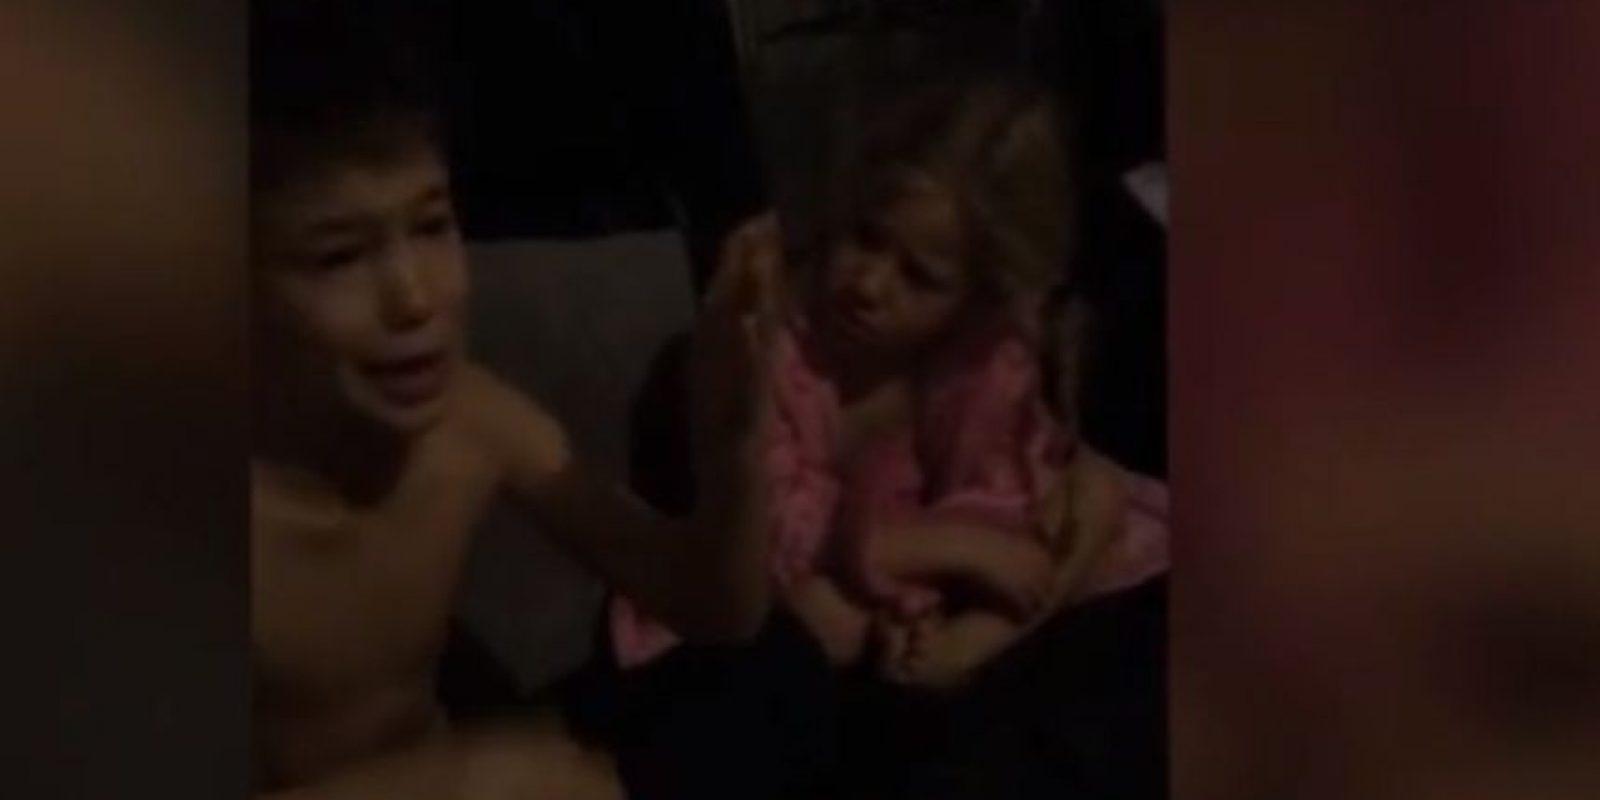 Una madre escribió una carta a sus hijos haciéndose pasar por él. Les dijo que no les daría regalos si no se comportaban. Foto:Youtube/Laura Cole